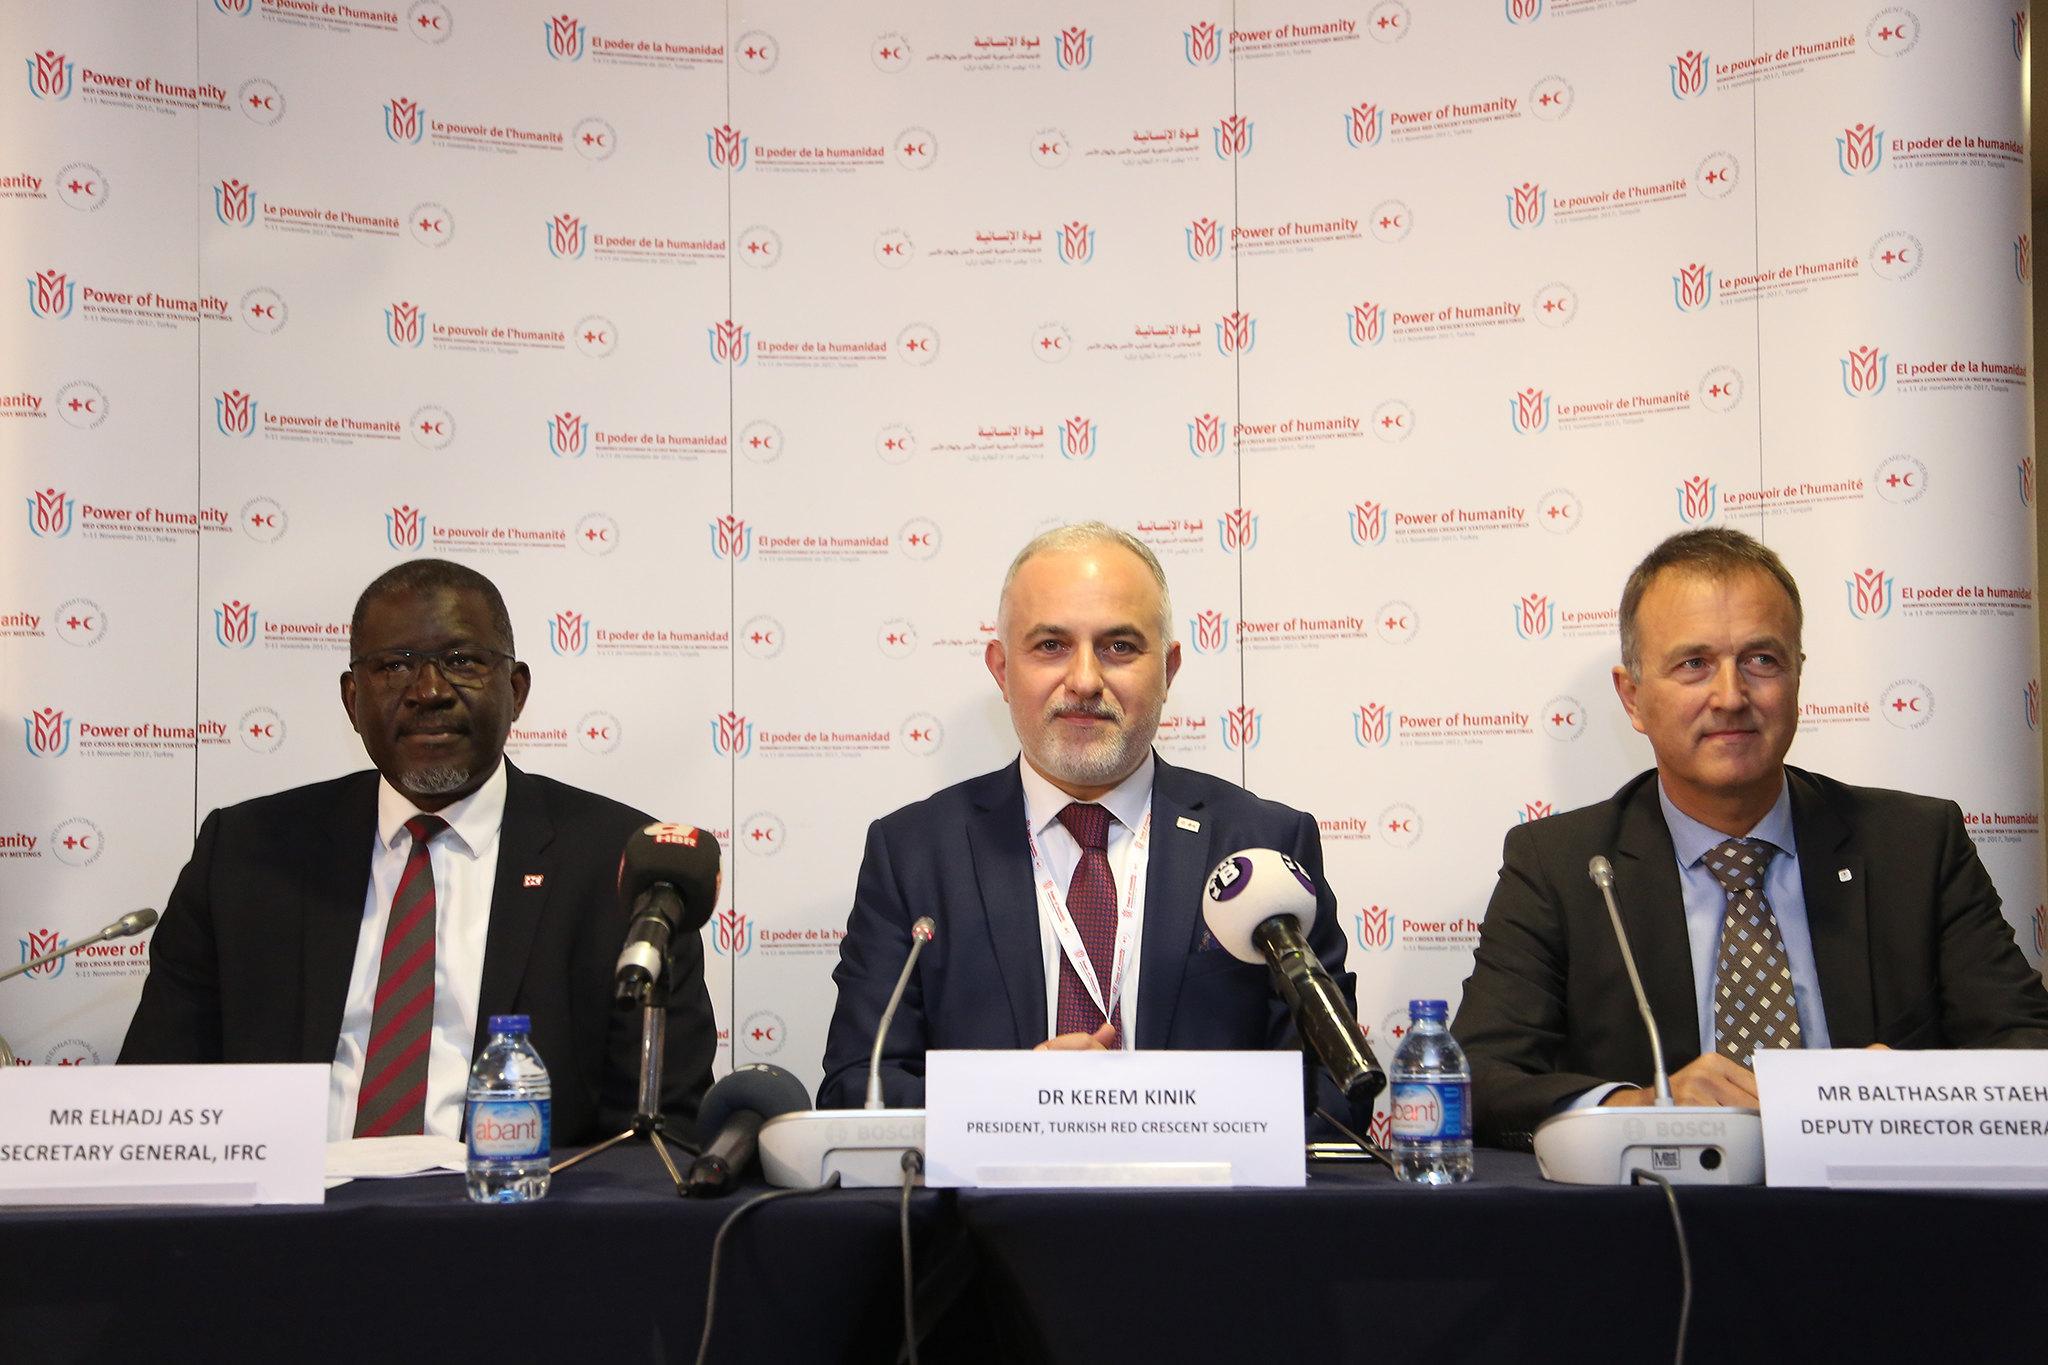 IFRC Genel Sekreteri Elhadj As Sy-Kızılay Genel Başkanı Dr. Kerem Kınık--ICRC Genel Sekreter Müdür Yardımcısı Balthasar Staehel